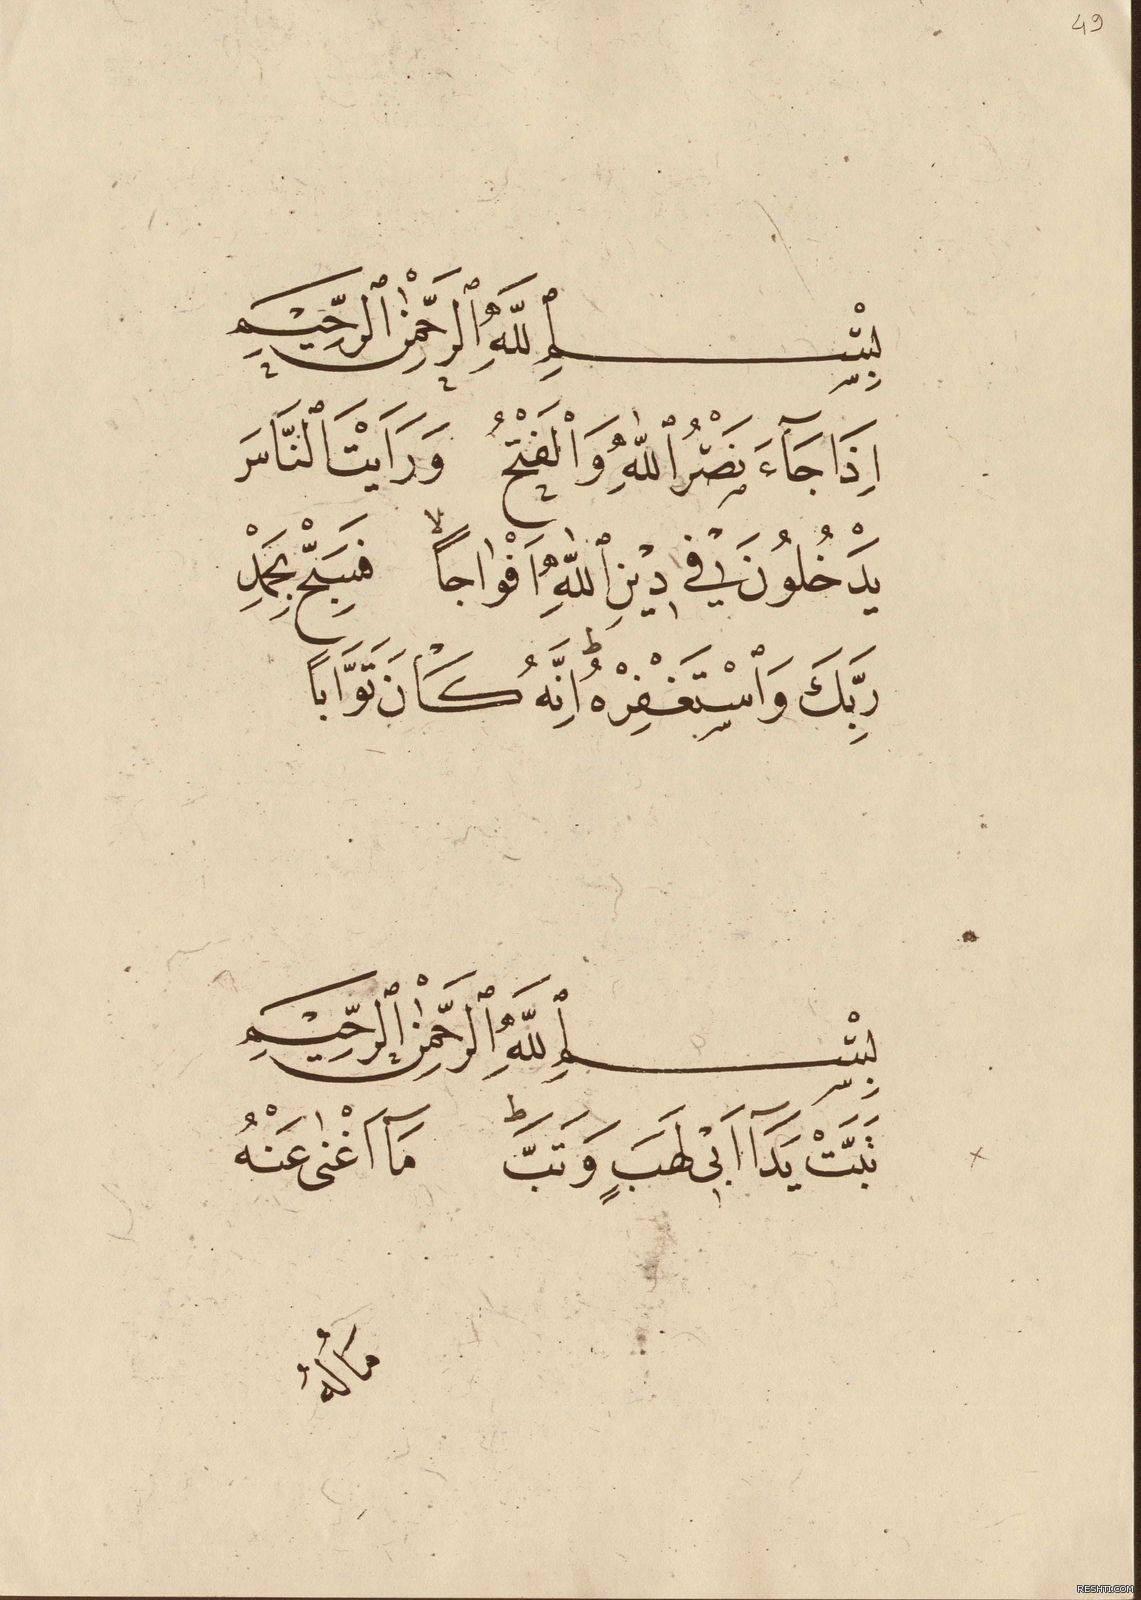 جزء عم بخط محمد شوقي 1